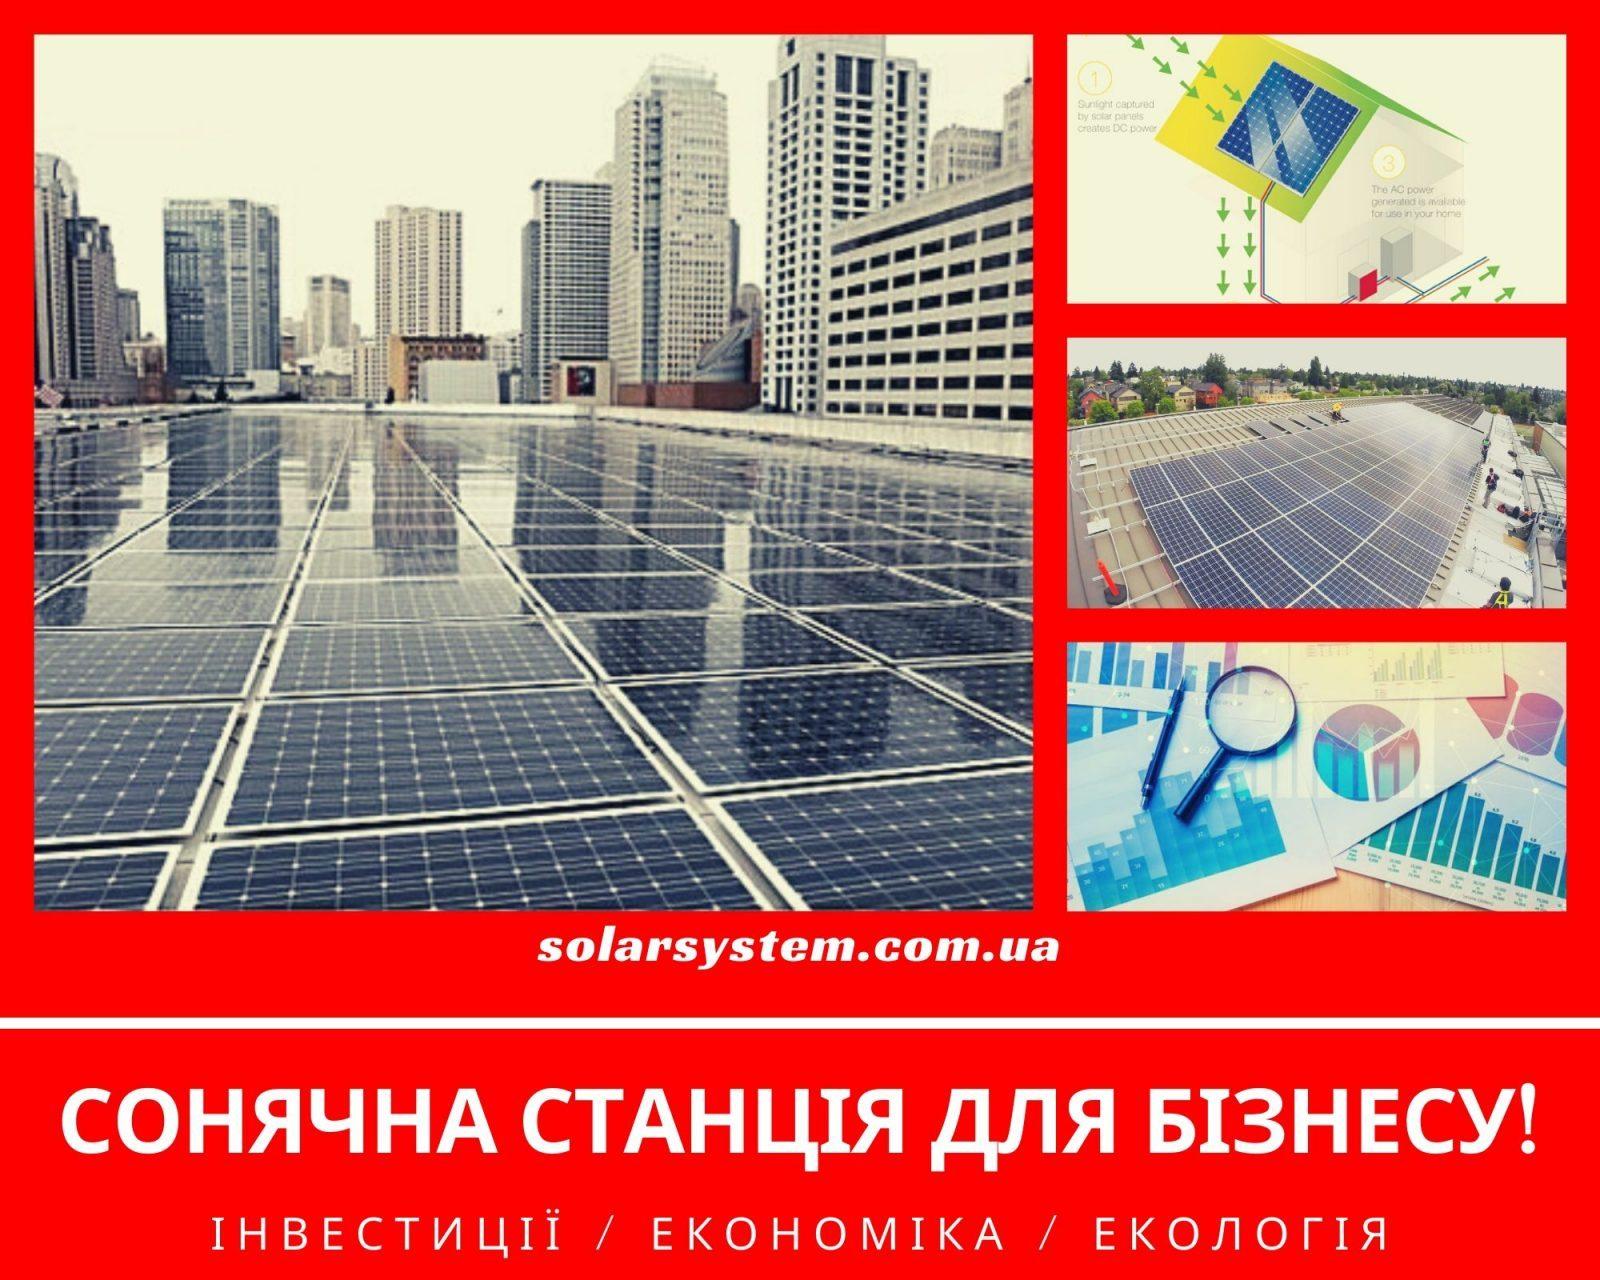 Сонячна станція для покриття власного споживання в бізнесі